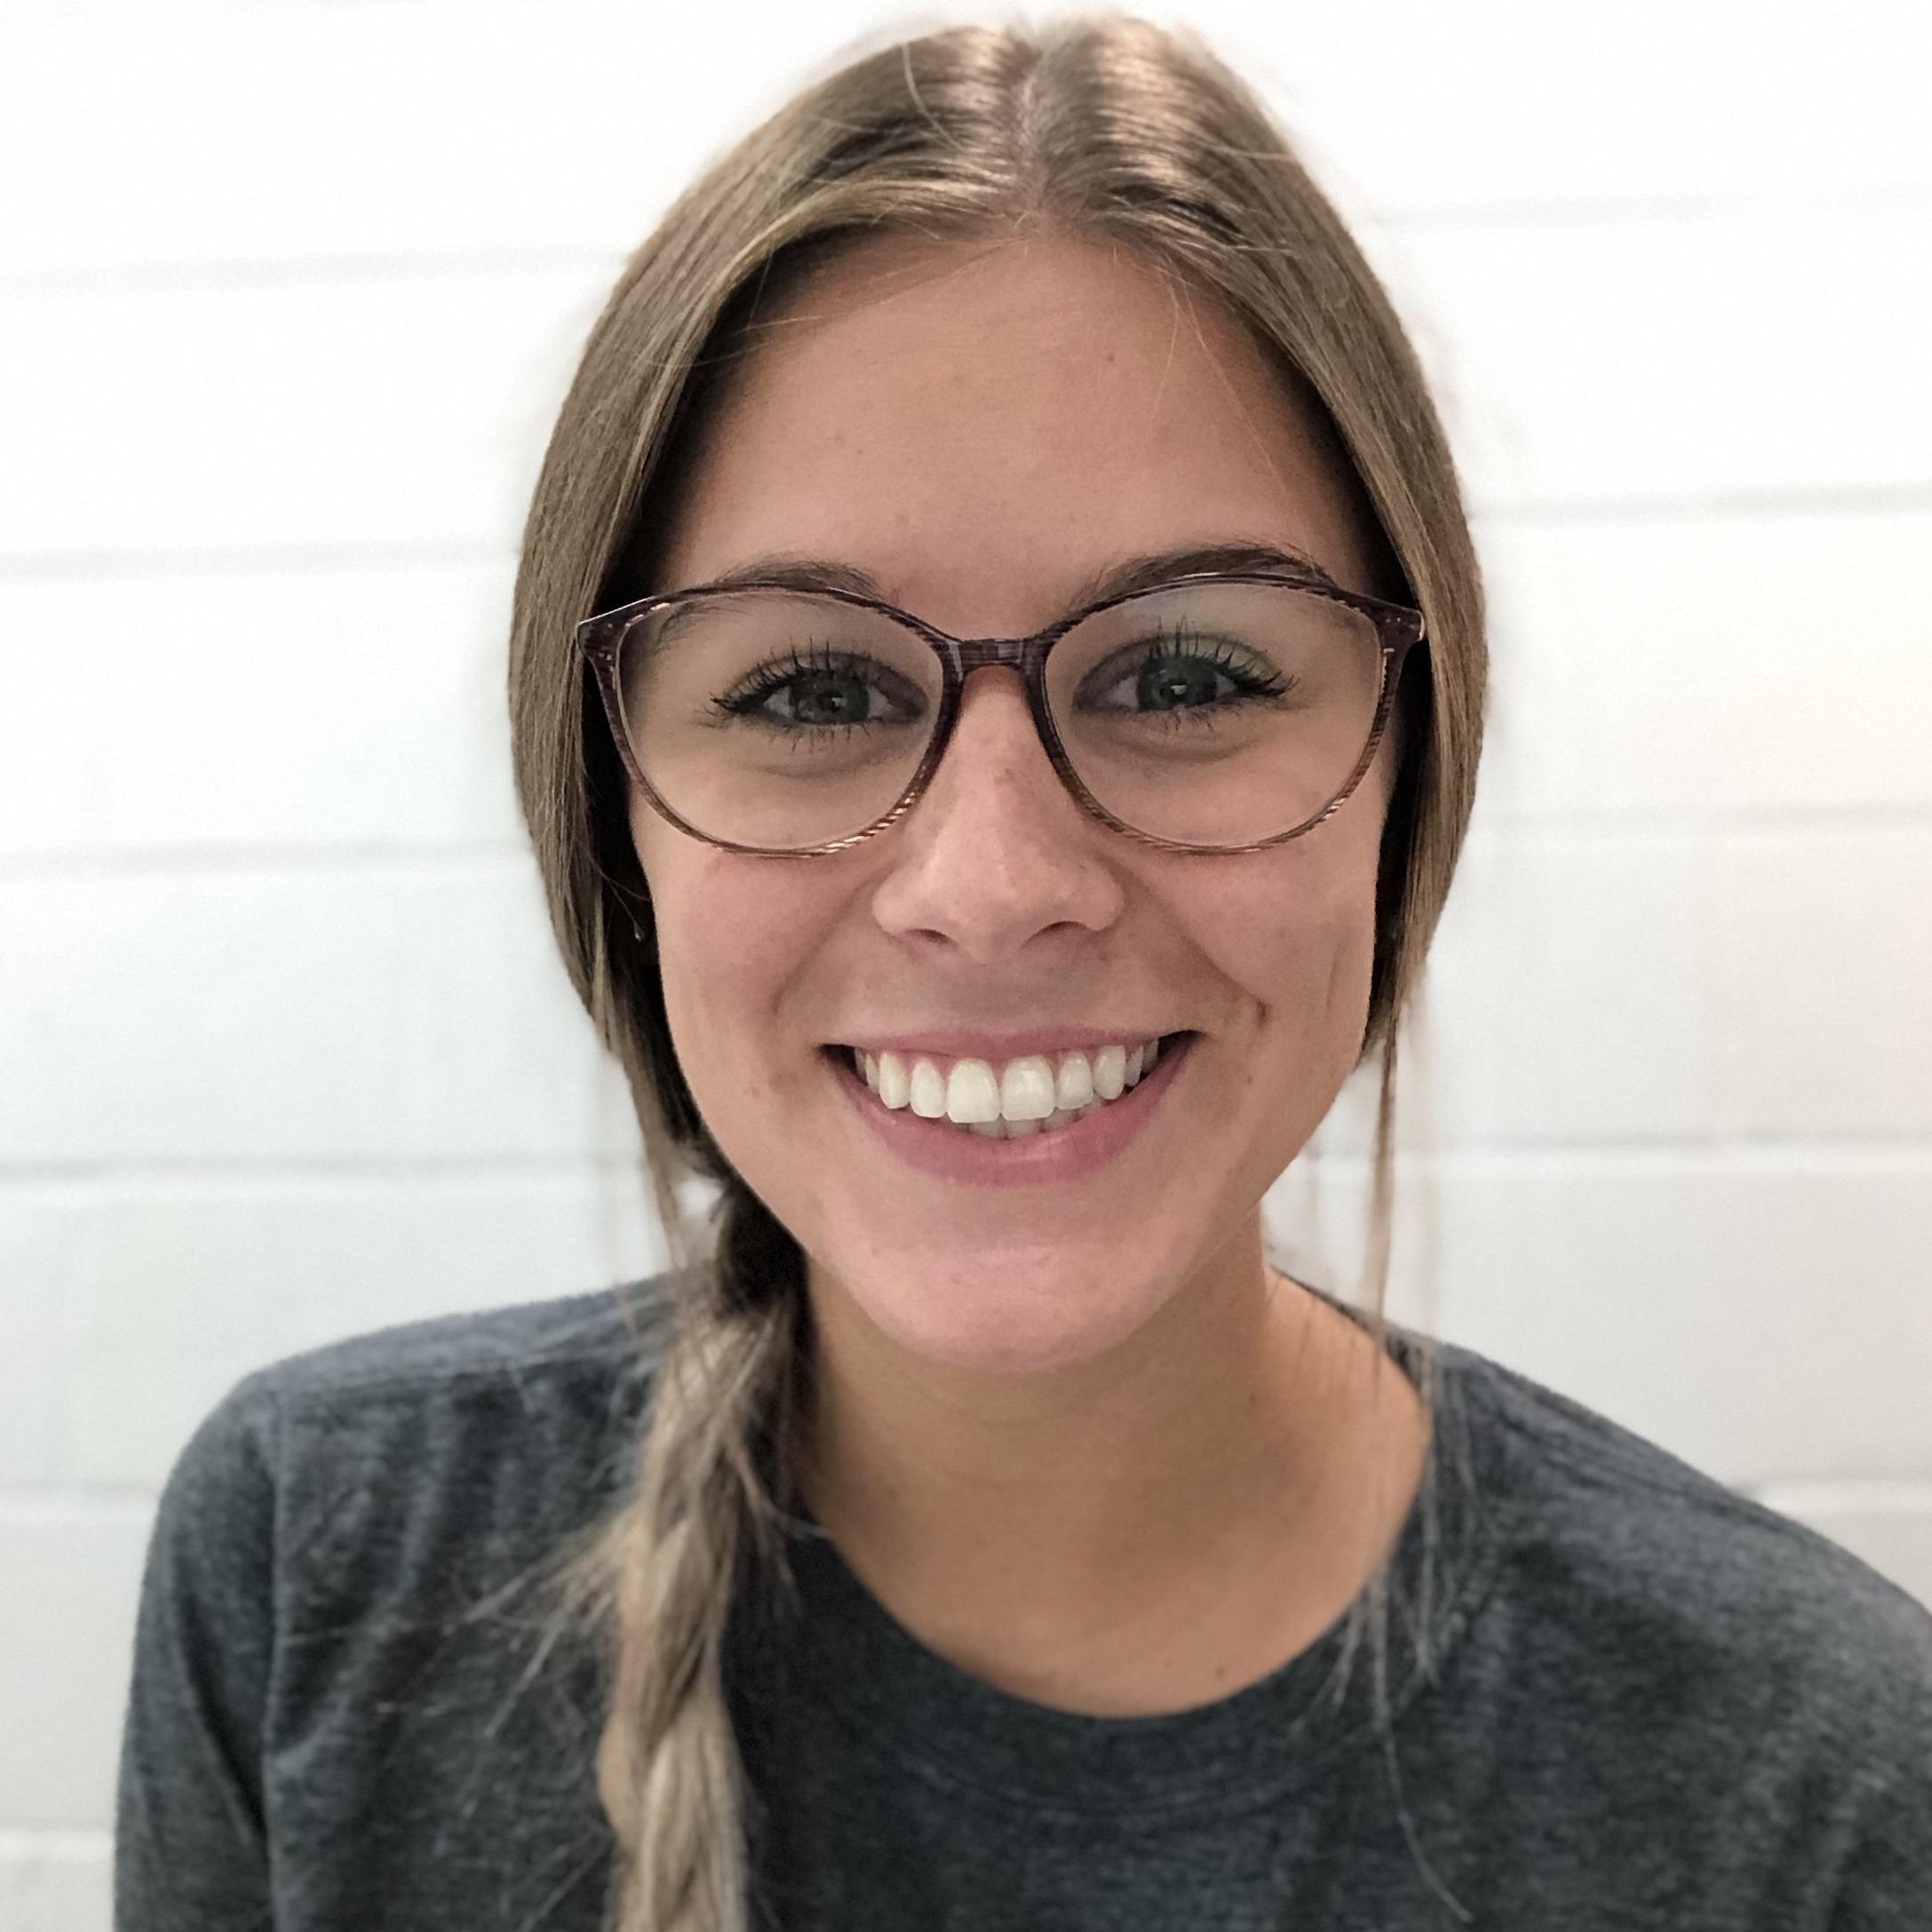 Carmen Mewhorter's Profile Photo